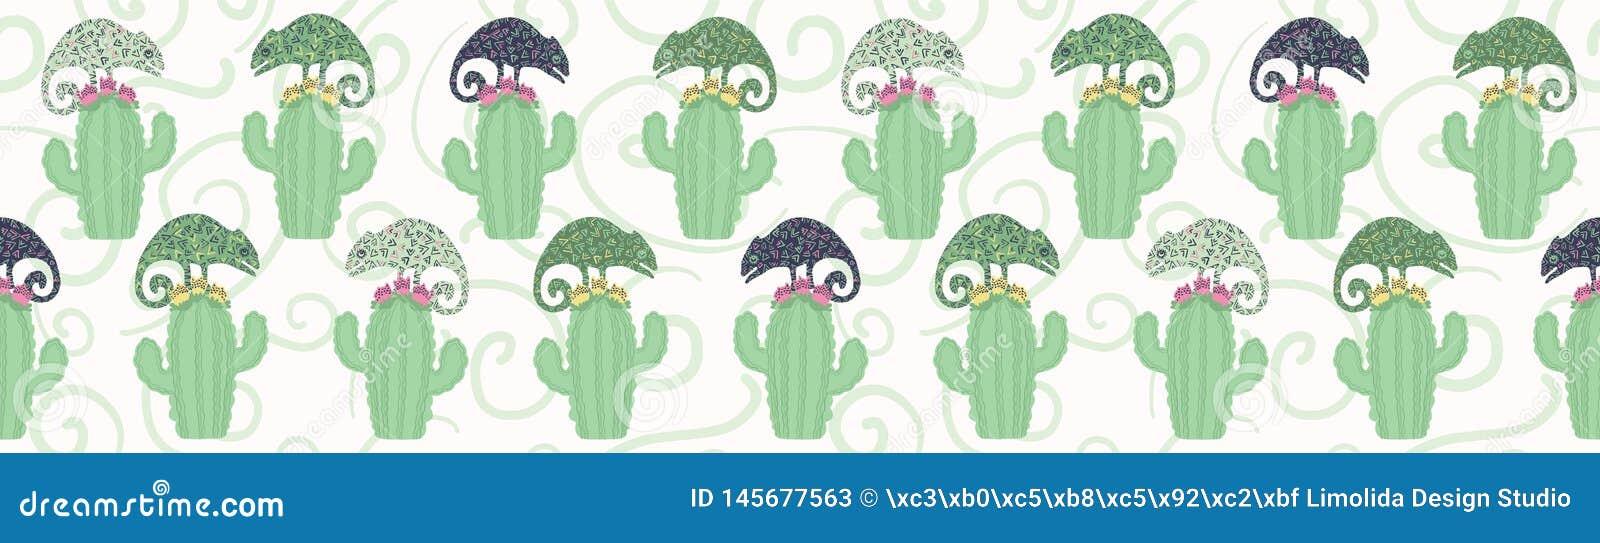 Kameleonhagedis en naadloos de grenspatroon van de cactusinstallatie Groene reptiel herhaalbare tegel vectorillustratie